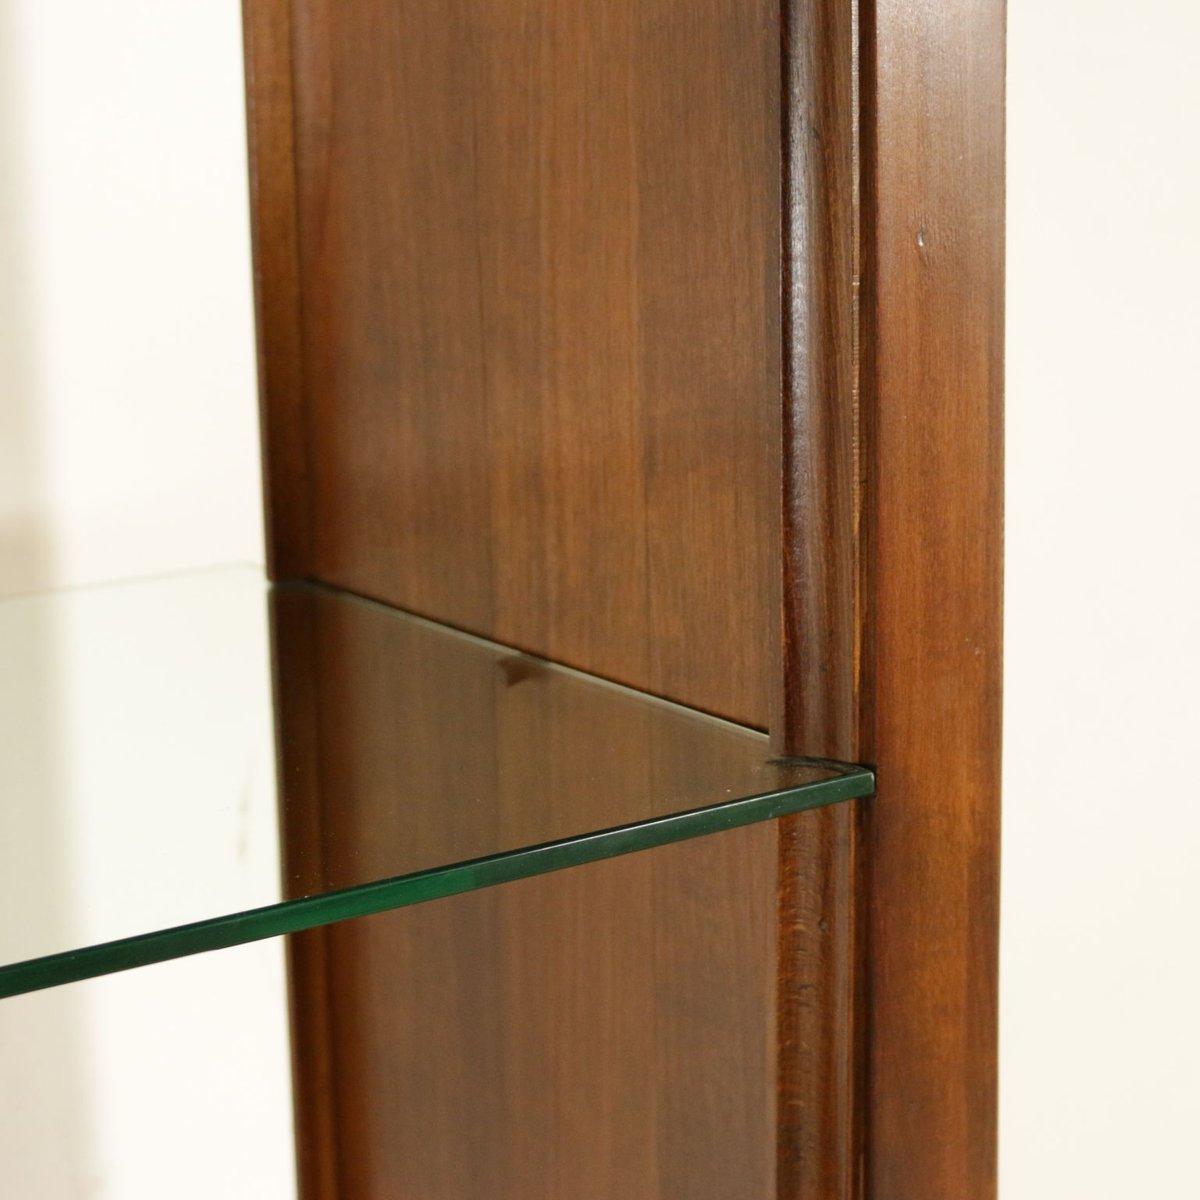 italienisches b cherregal aus nussholz furnier marmor glas 1960er bei pamono kaufen. Black Bedroom Furniture Sets. Home Design Ideas